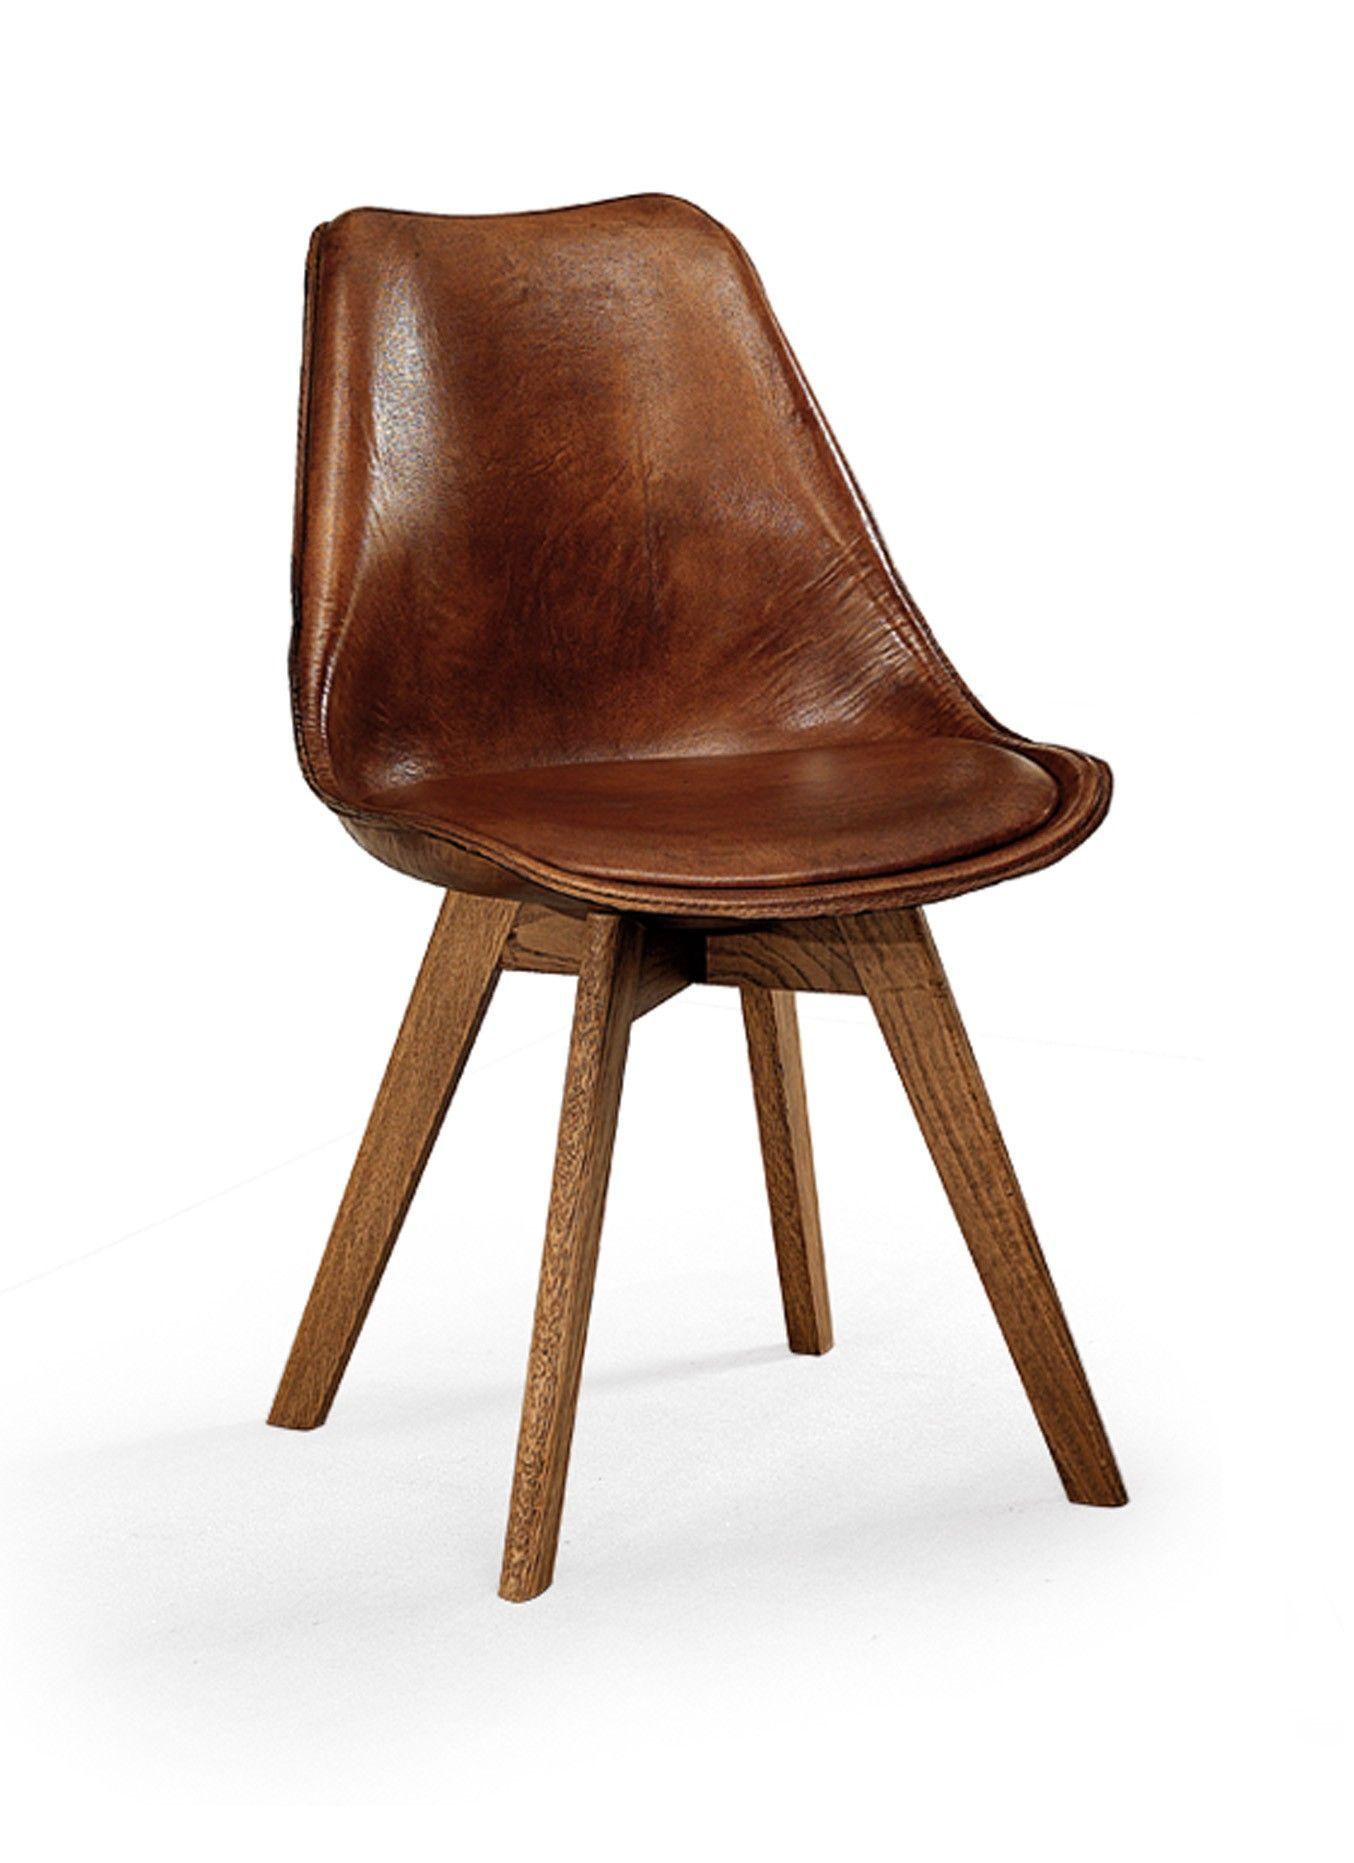 Entzückend Büffelleder Stuhl Referenz Von Jetzt Bei Desiganoreview Pauline Stühle, Woodyness, Sitzmöbel,